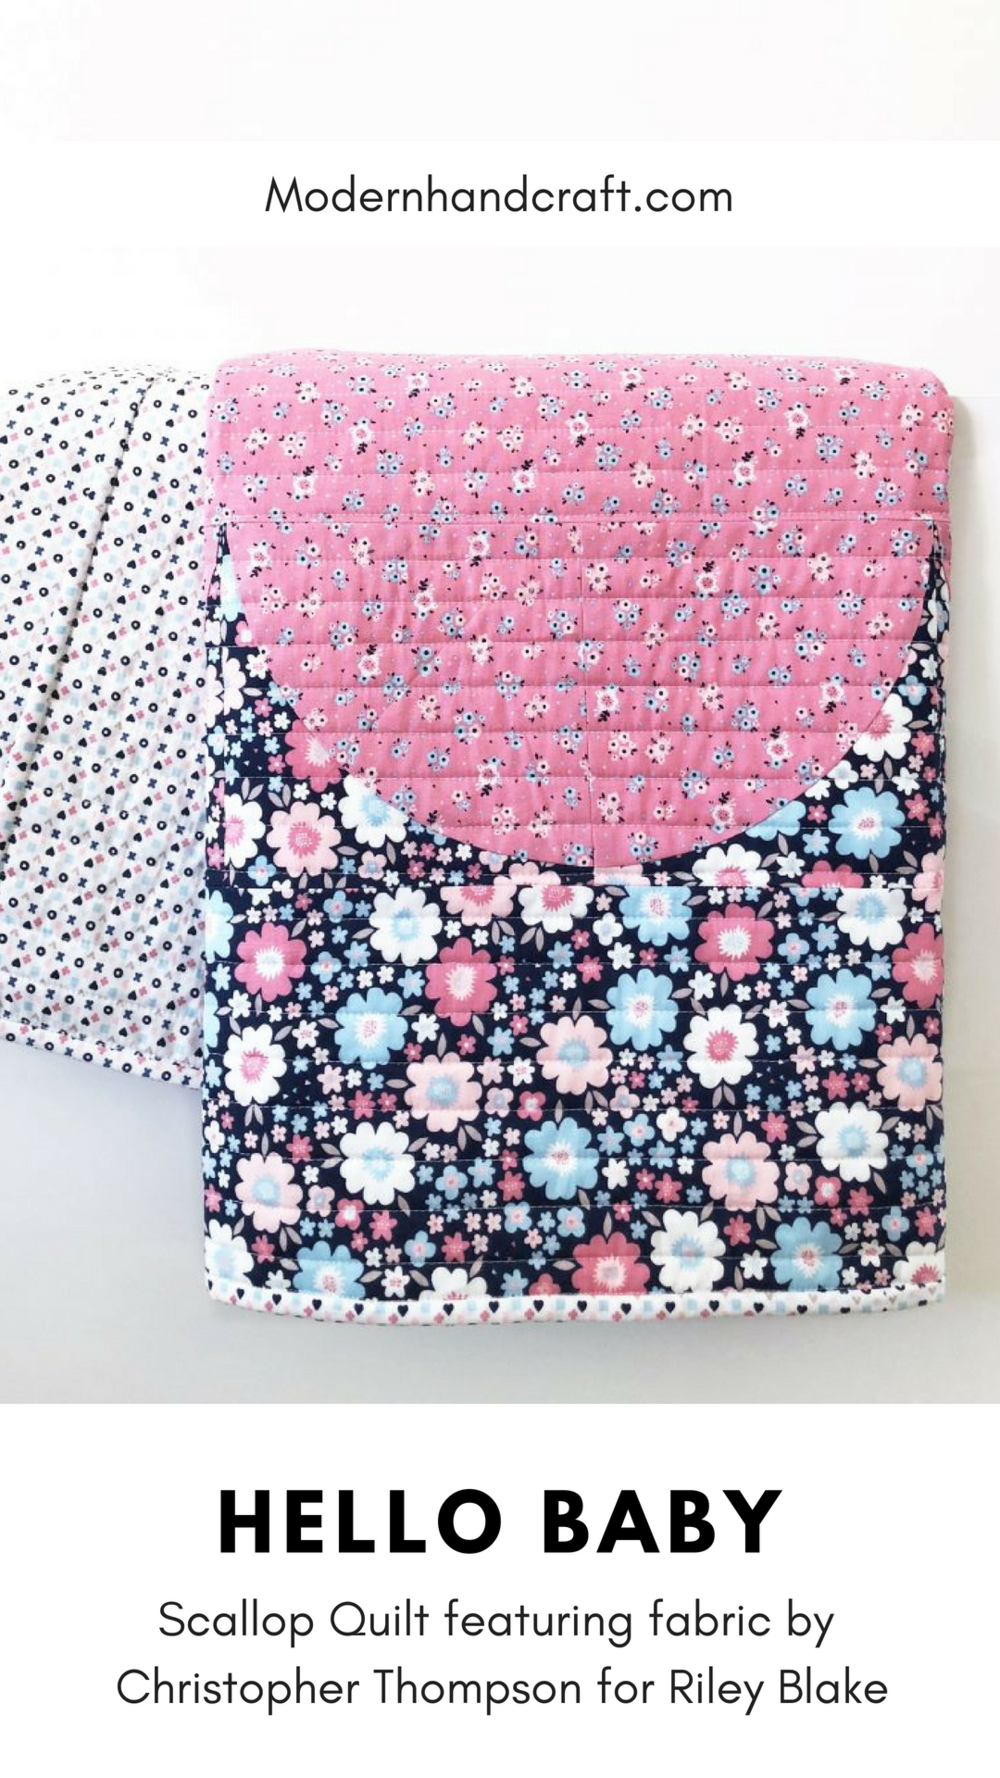 Hello Baby // Scallop quilt by Modernhandcraft.com